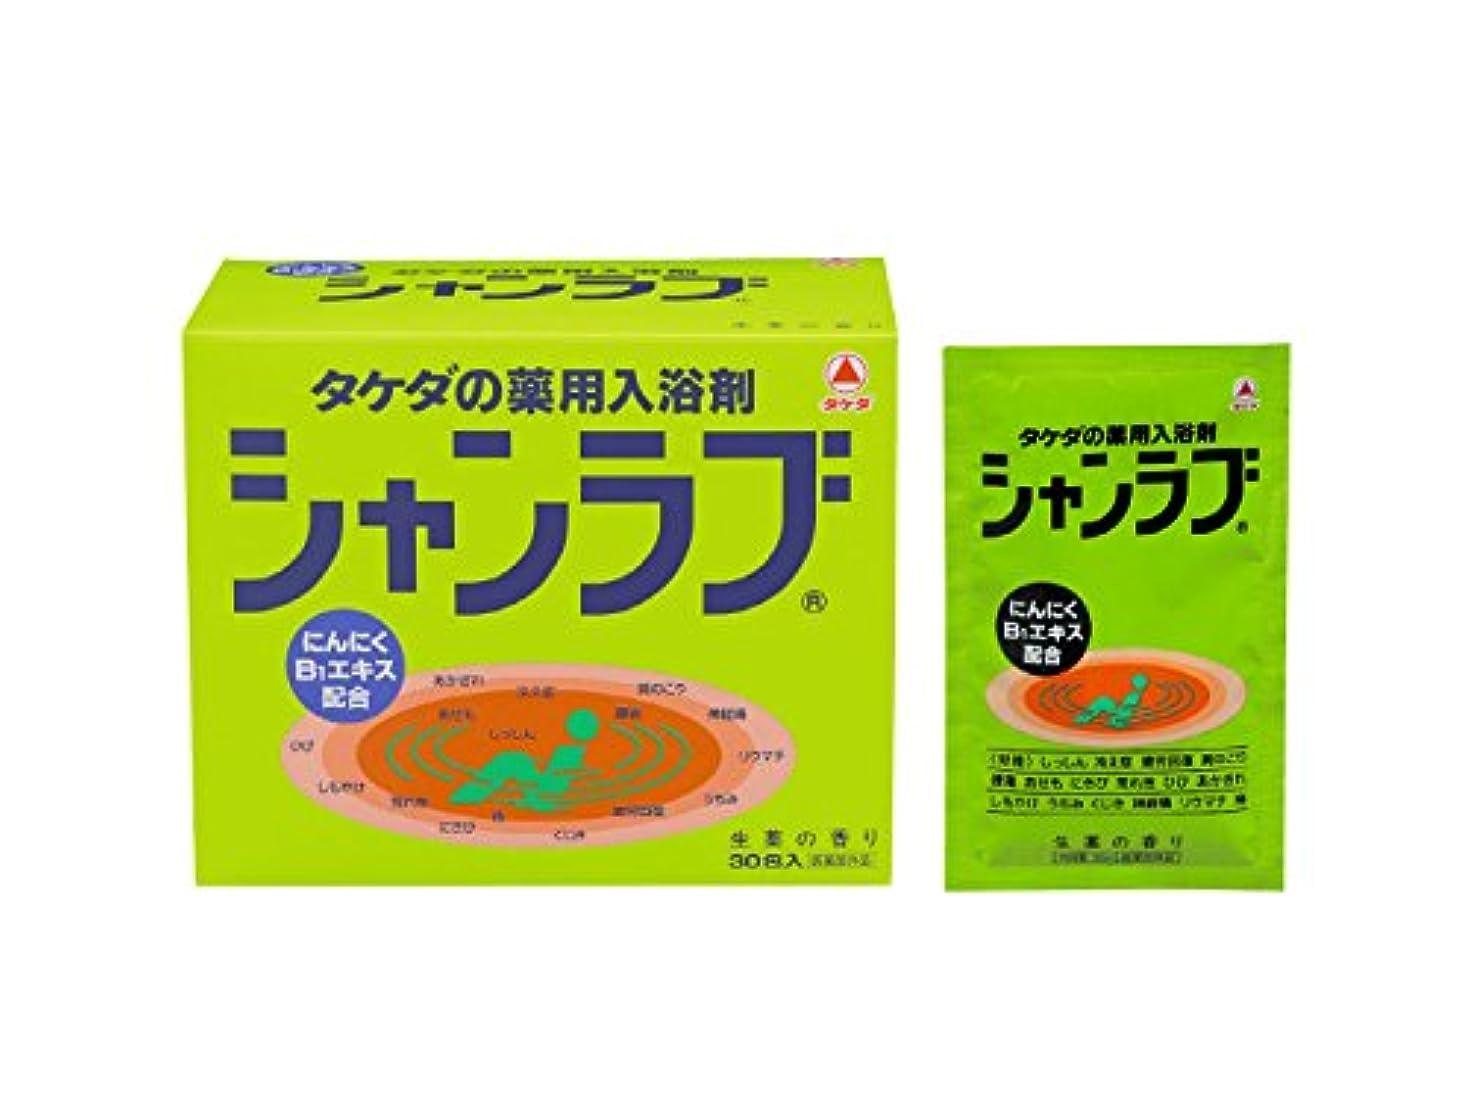 起きる月不健康武田コンシューマーヘルスケア シャンラブ 生薬の香り 30包